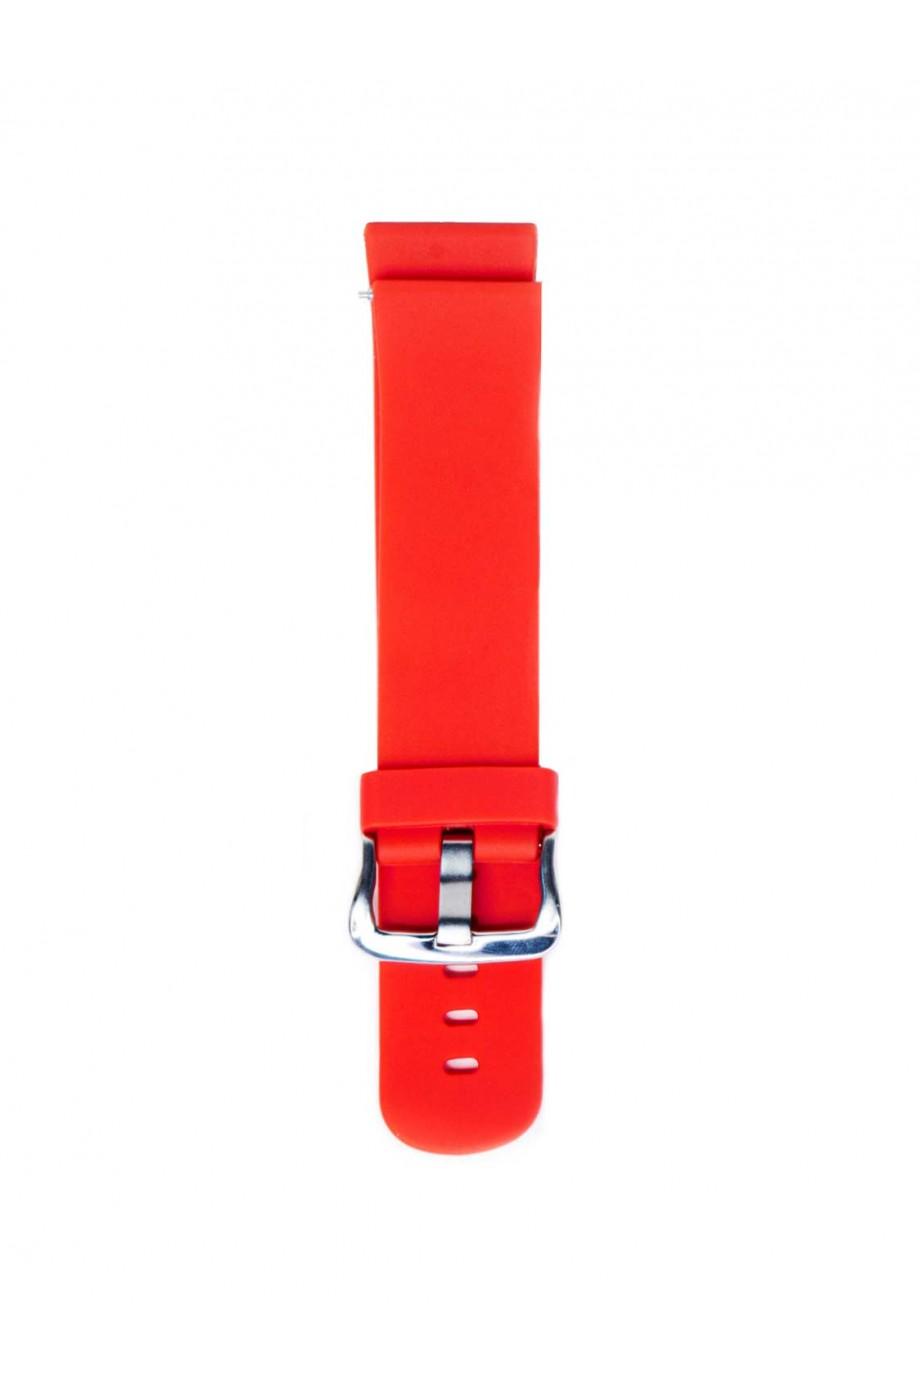 Силиконовый ремешок для Amazfit Stratos 2s, 22 мм, красный, mc-01